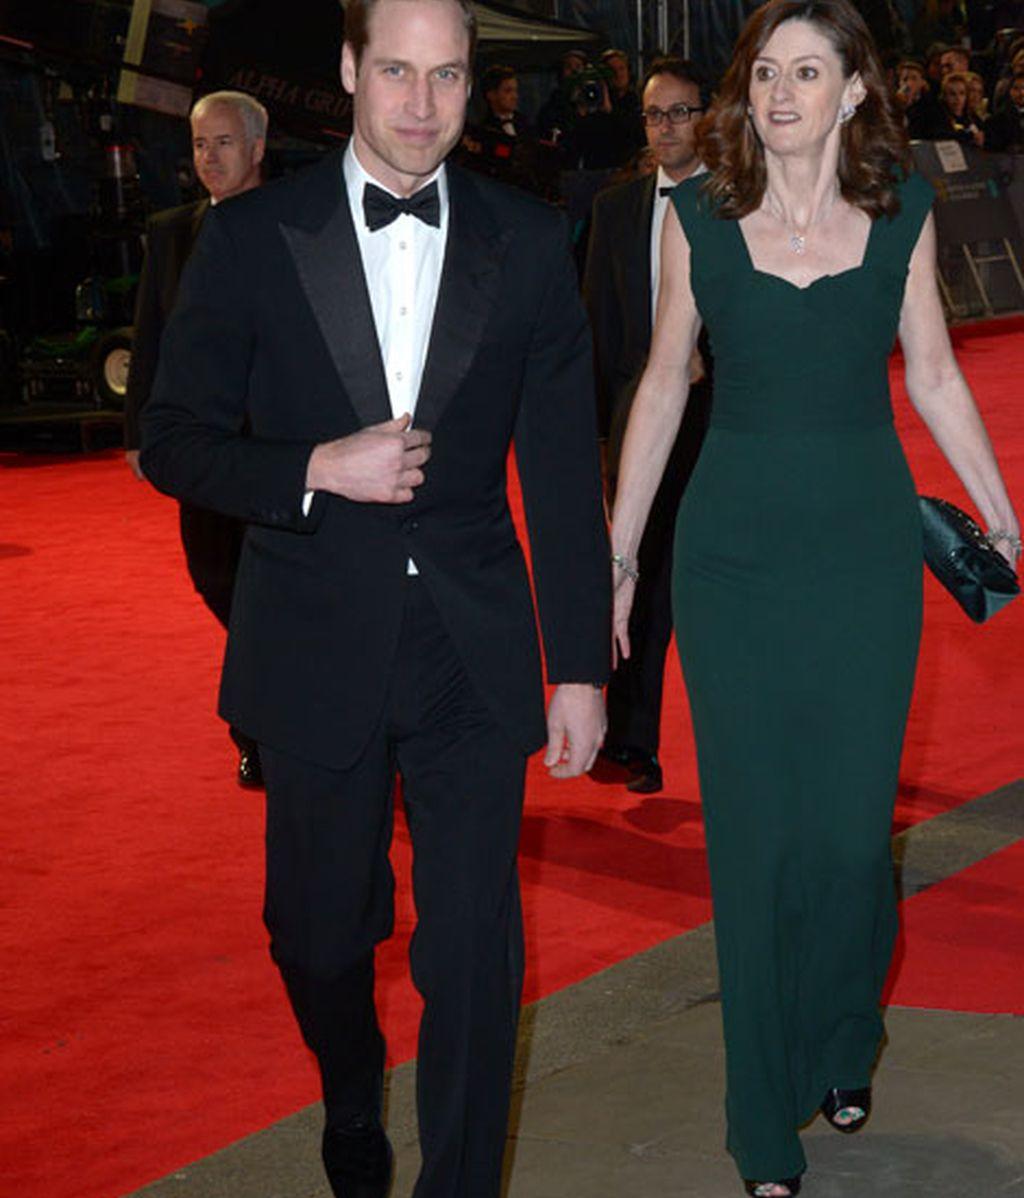 La esperada presencia del príncipe Guillermo, que llegó sin Kate Middleton